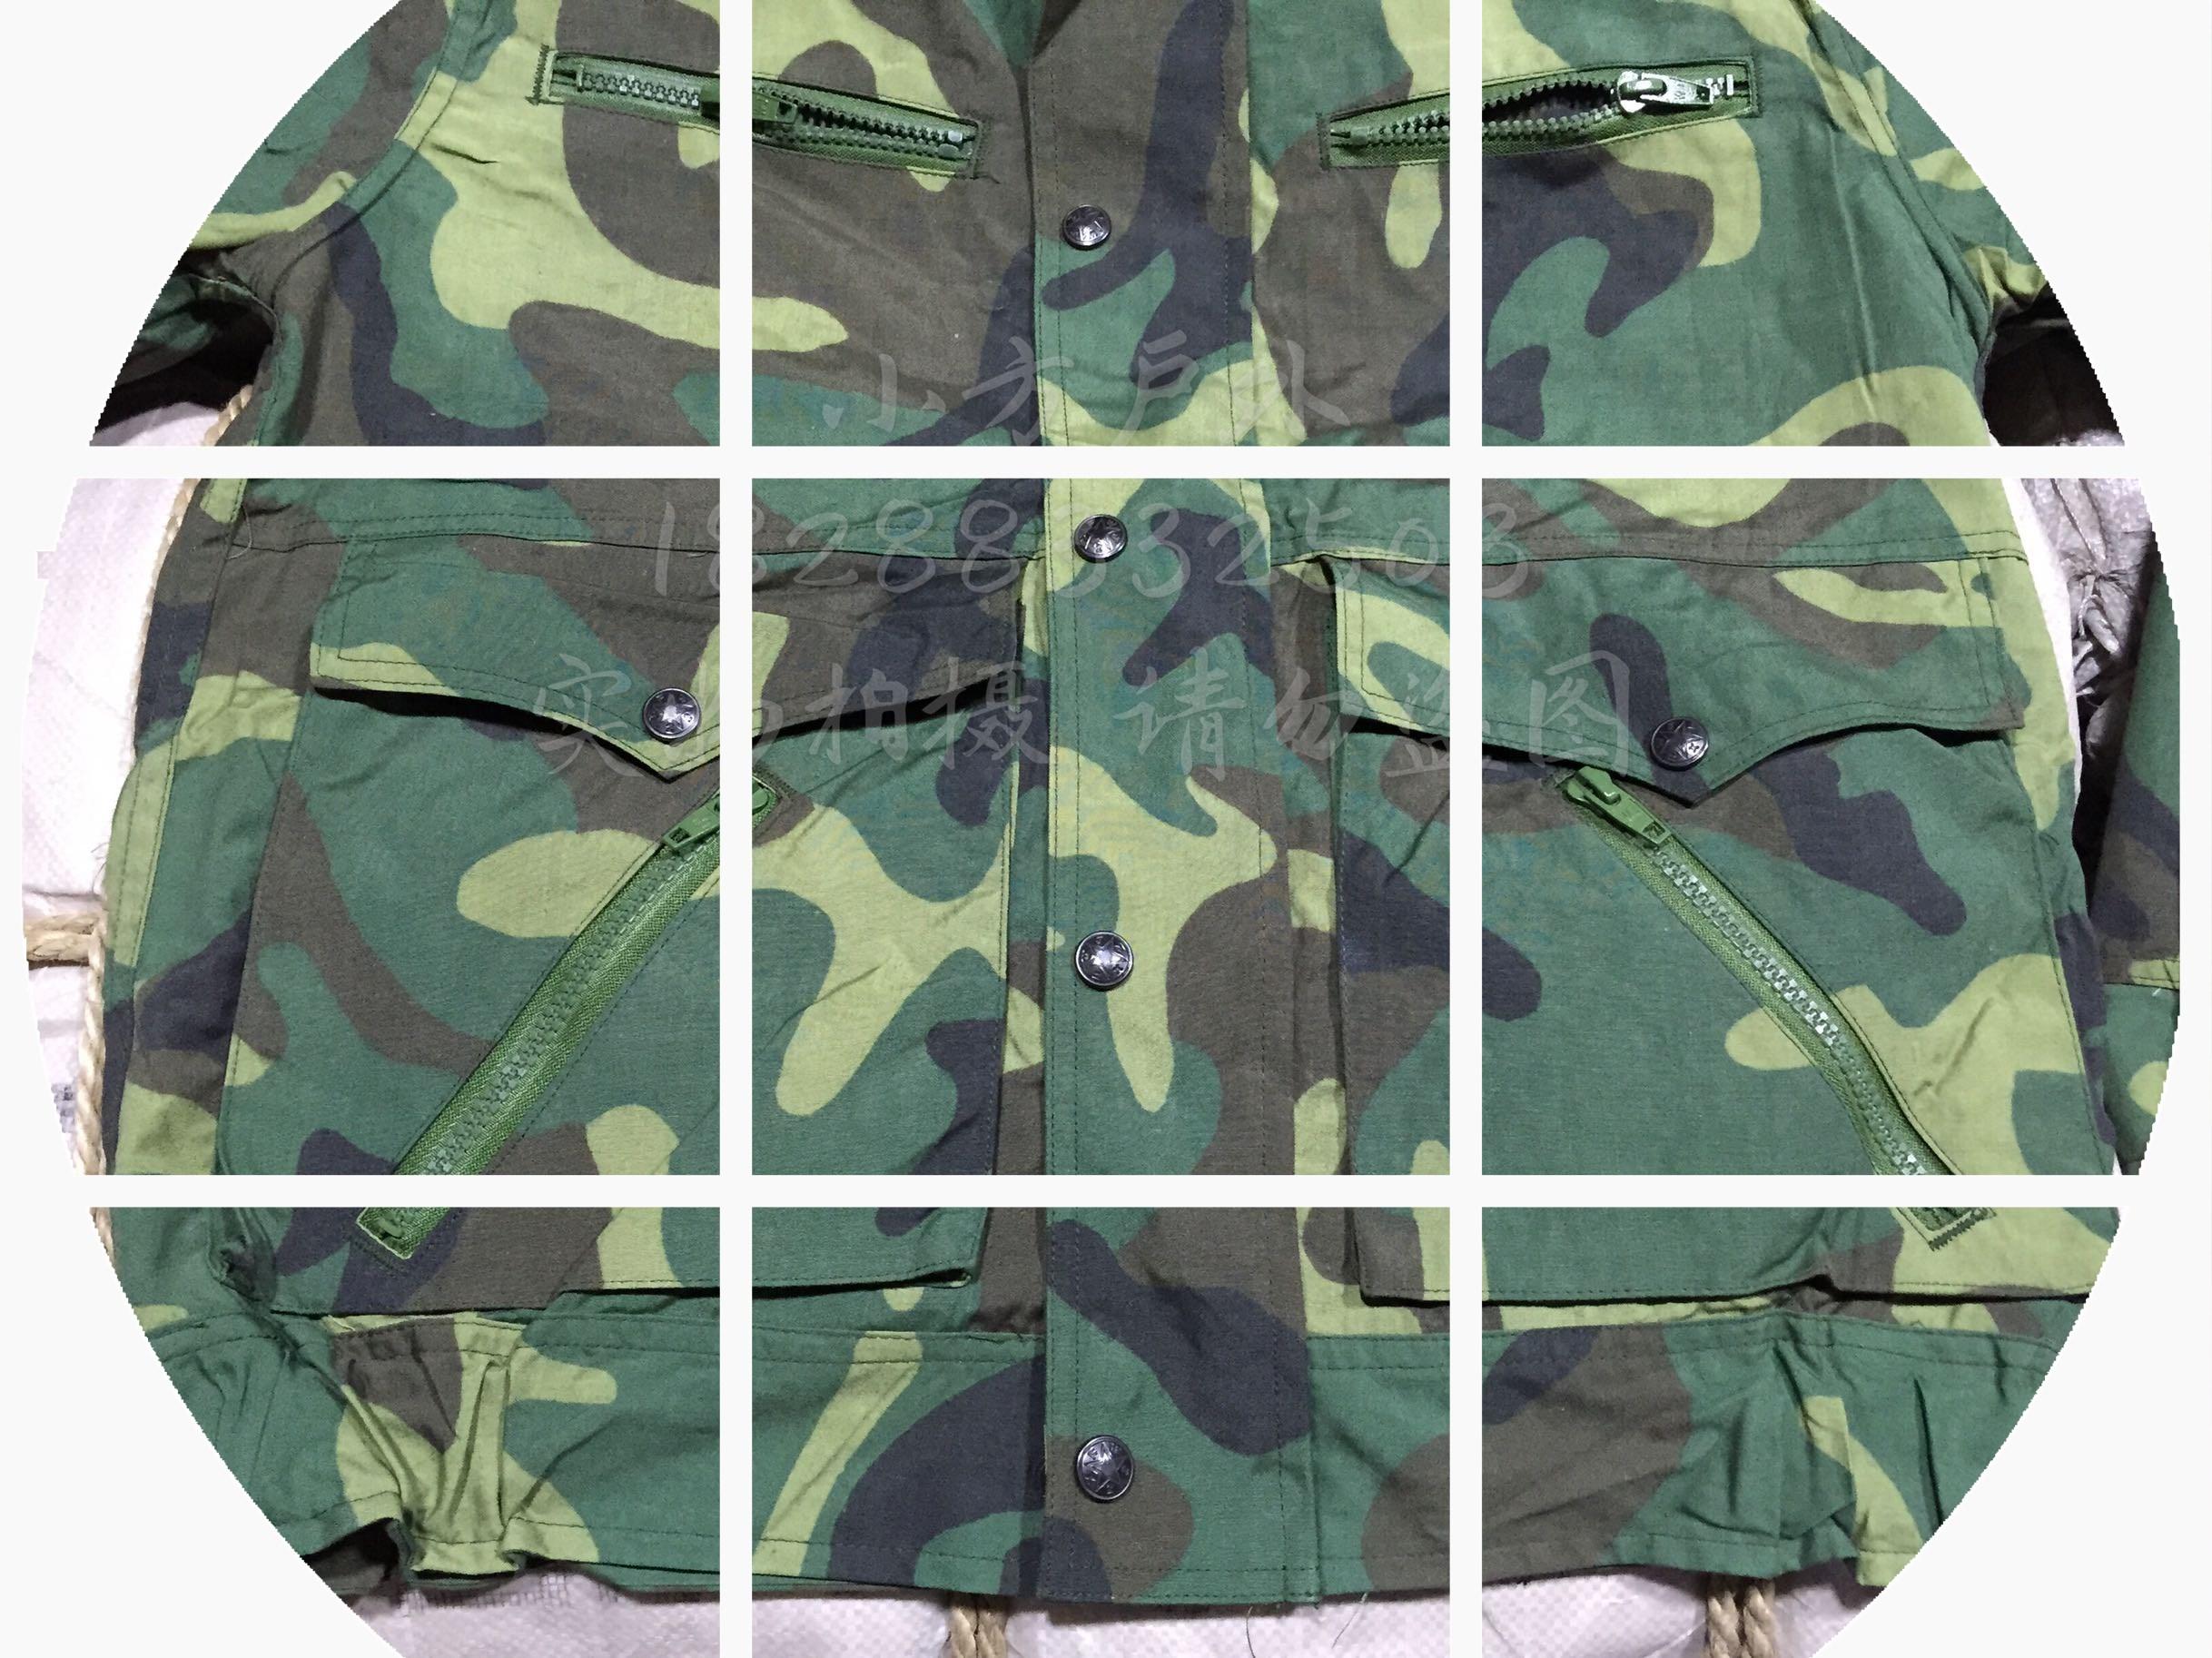 1996年原品87式迷彩服 伍井款多兜屁兜夏丛林迷彩服套装 保真